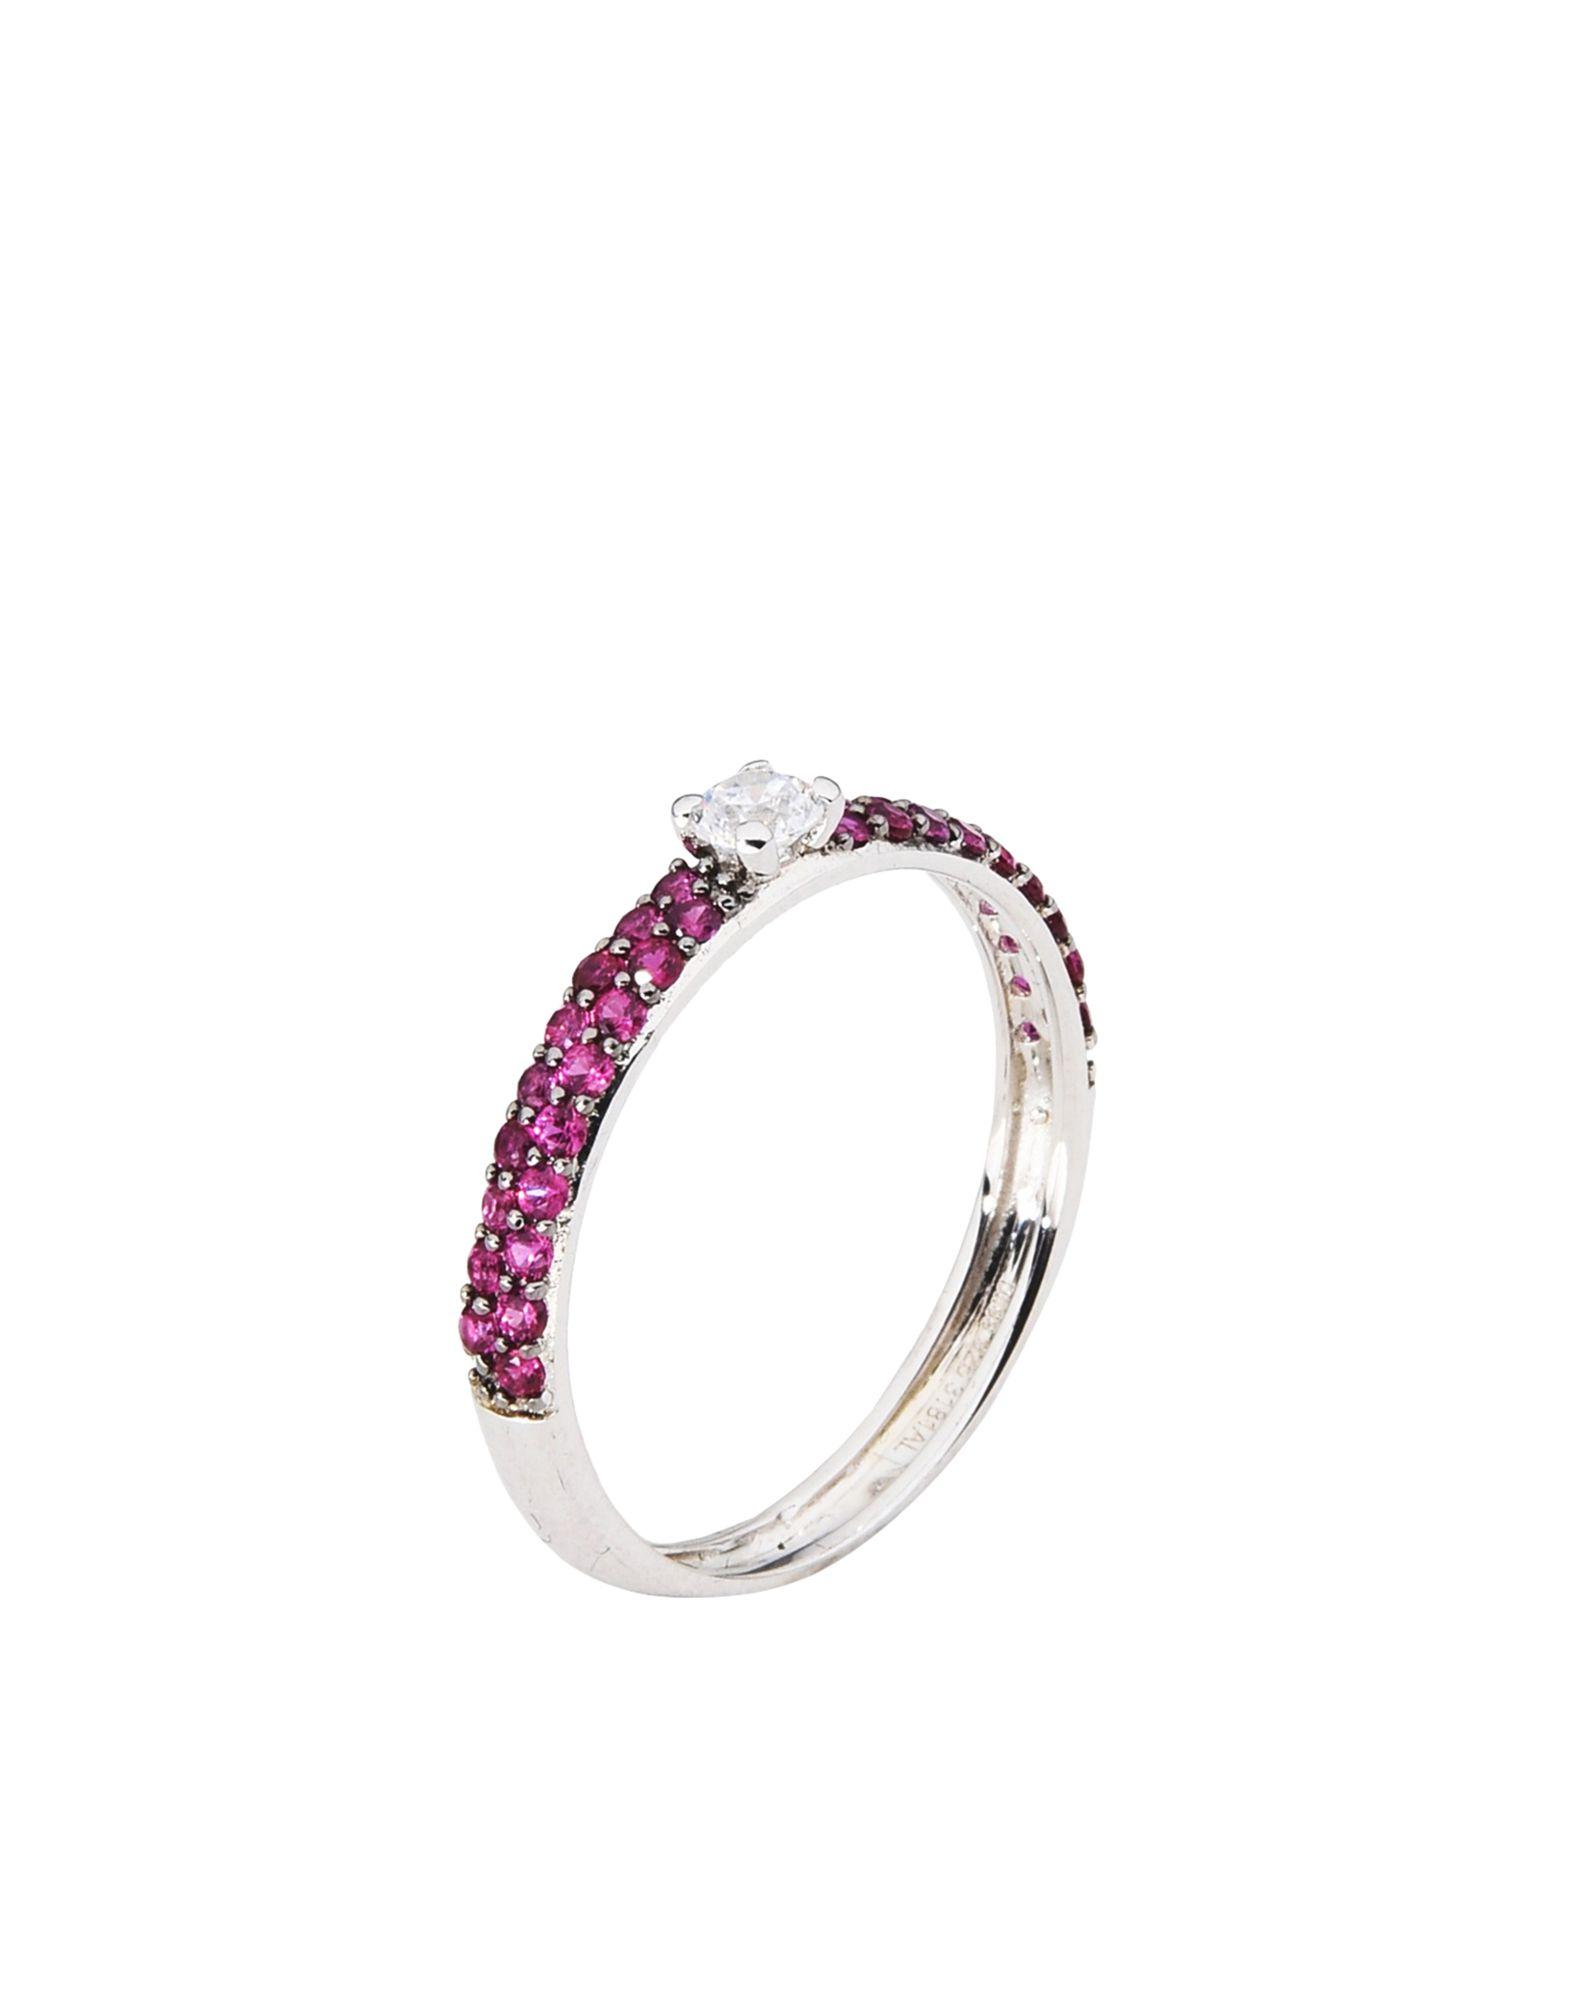 《送料無料》BLISS レディース 指輪 シルバー 12 シルバー925/1000 / キュービックジルコニア